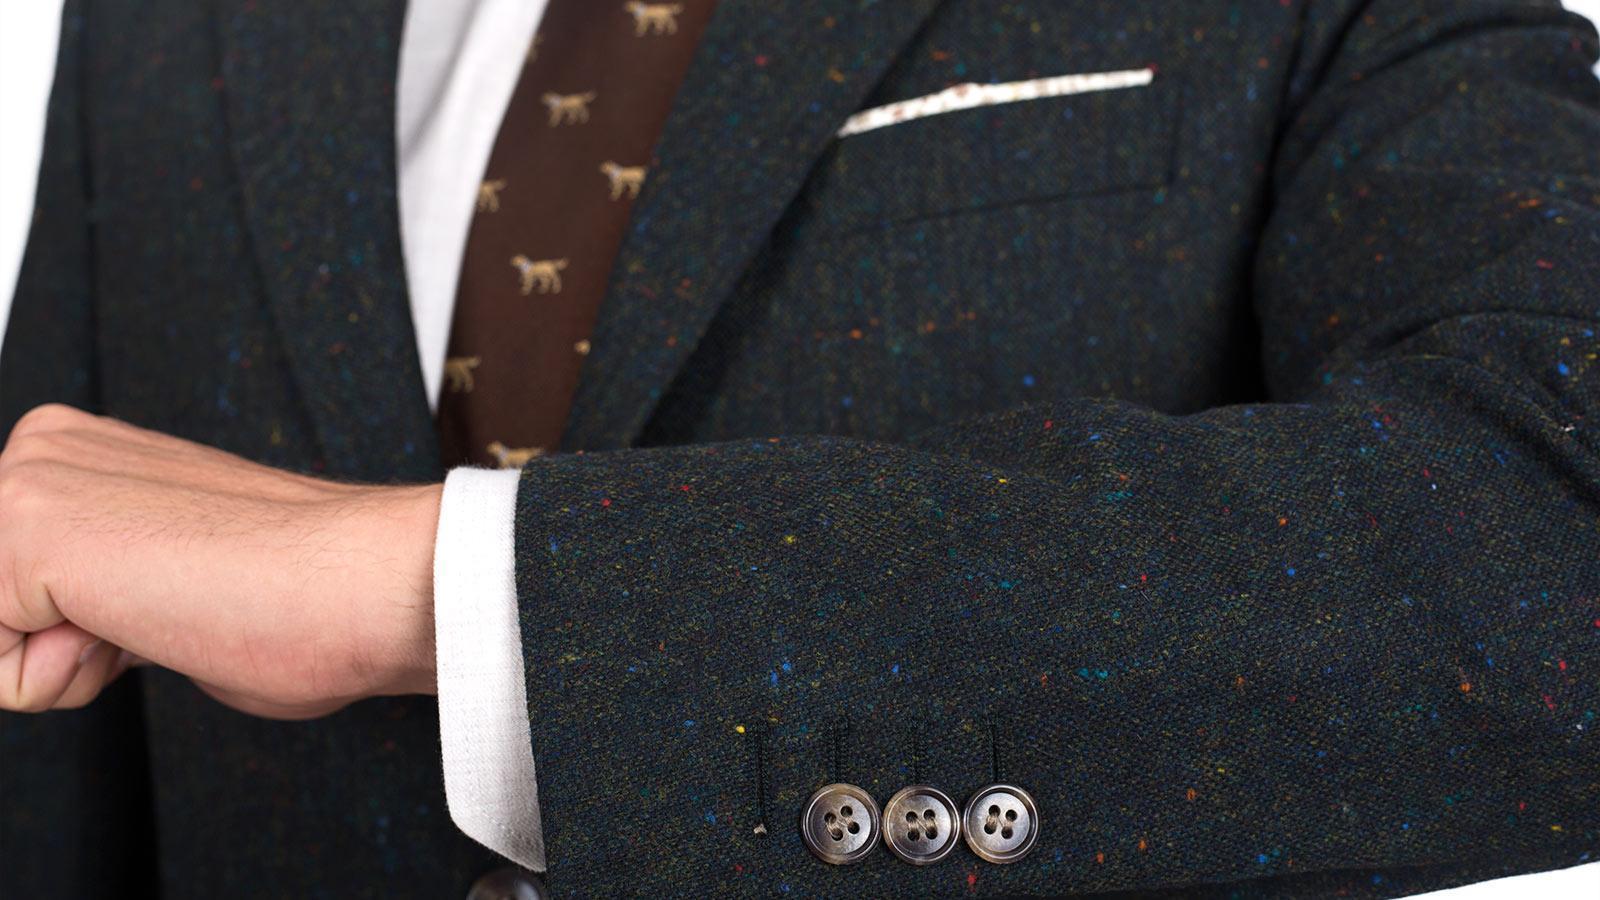 Olive Green Donegal Tweed Blazer - slider image 1